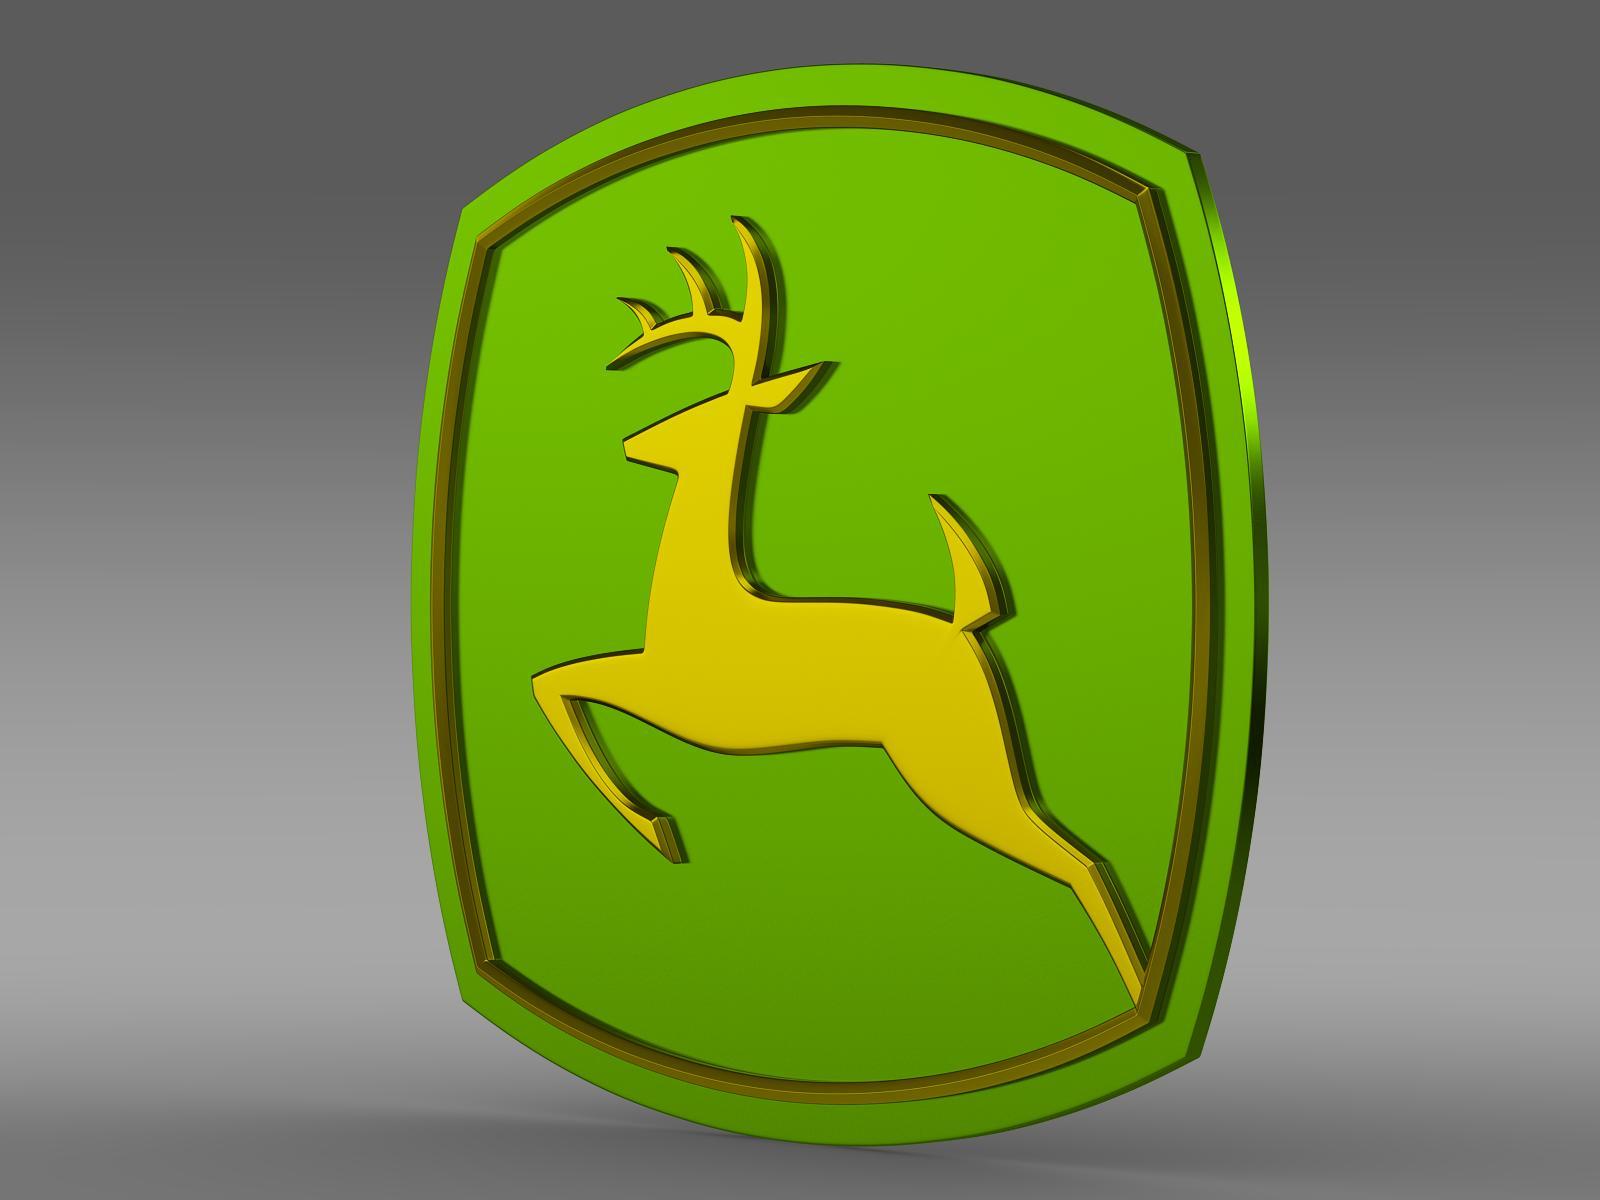 John Deer logo 3d model 3ds max fbx c4d lwo lws lw ma mb  obj 208248